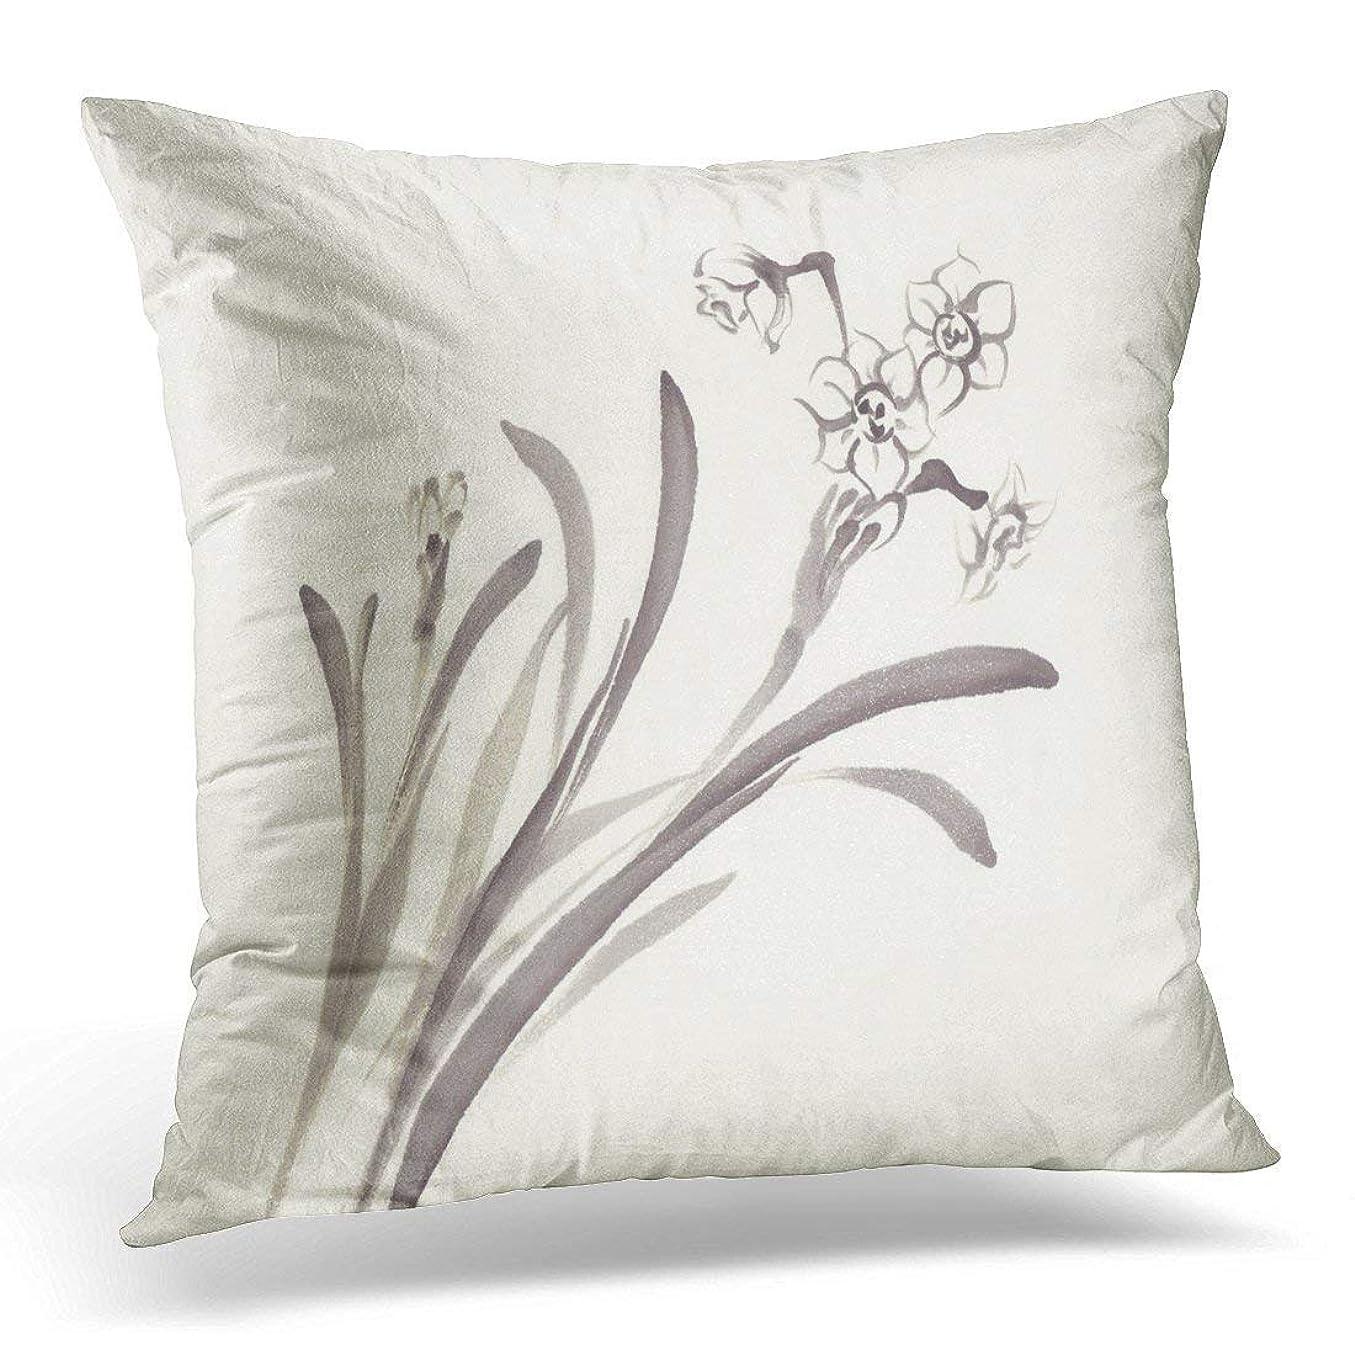 印象シードペスト満開の手水仙インクの花白花コレクション中国の装飾枕ケース家の装飾スクエア45x45 cm枕カバー